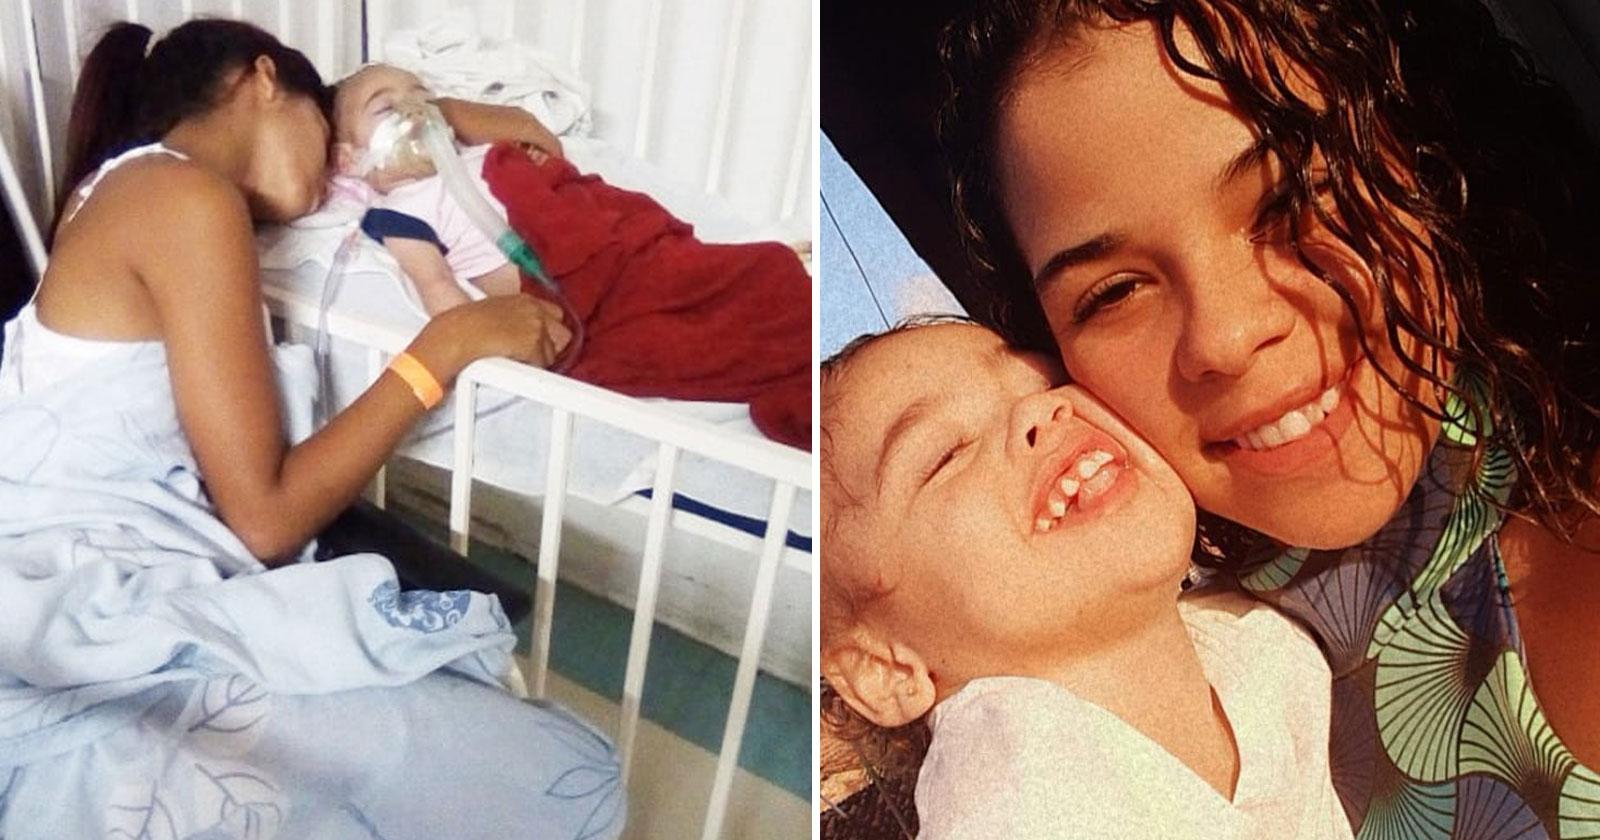 Morre bebê adotada por jovem de 18 anos e mãe promete continuar ajudando crianças especiais 1